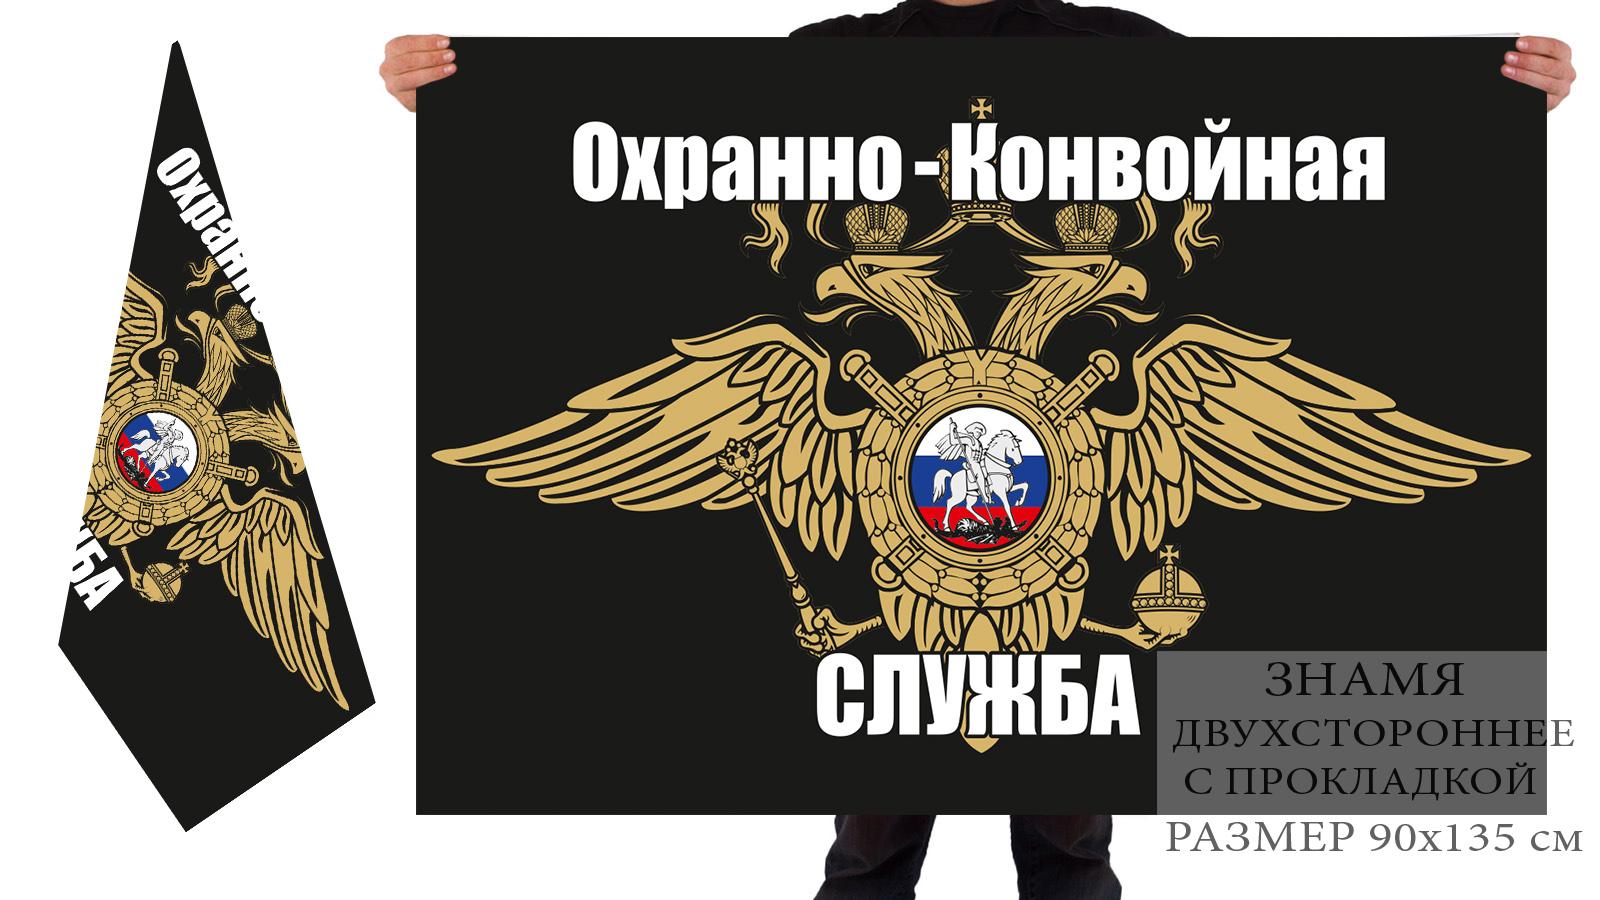 Двусторонний флаг конвойной службы МВД